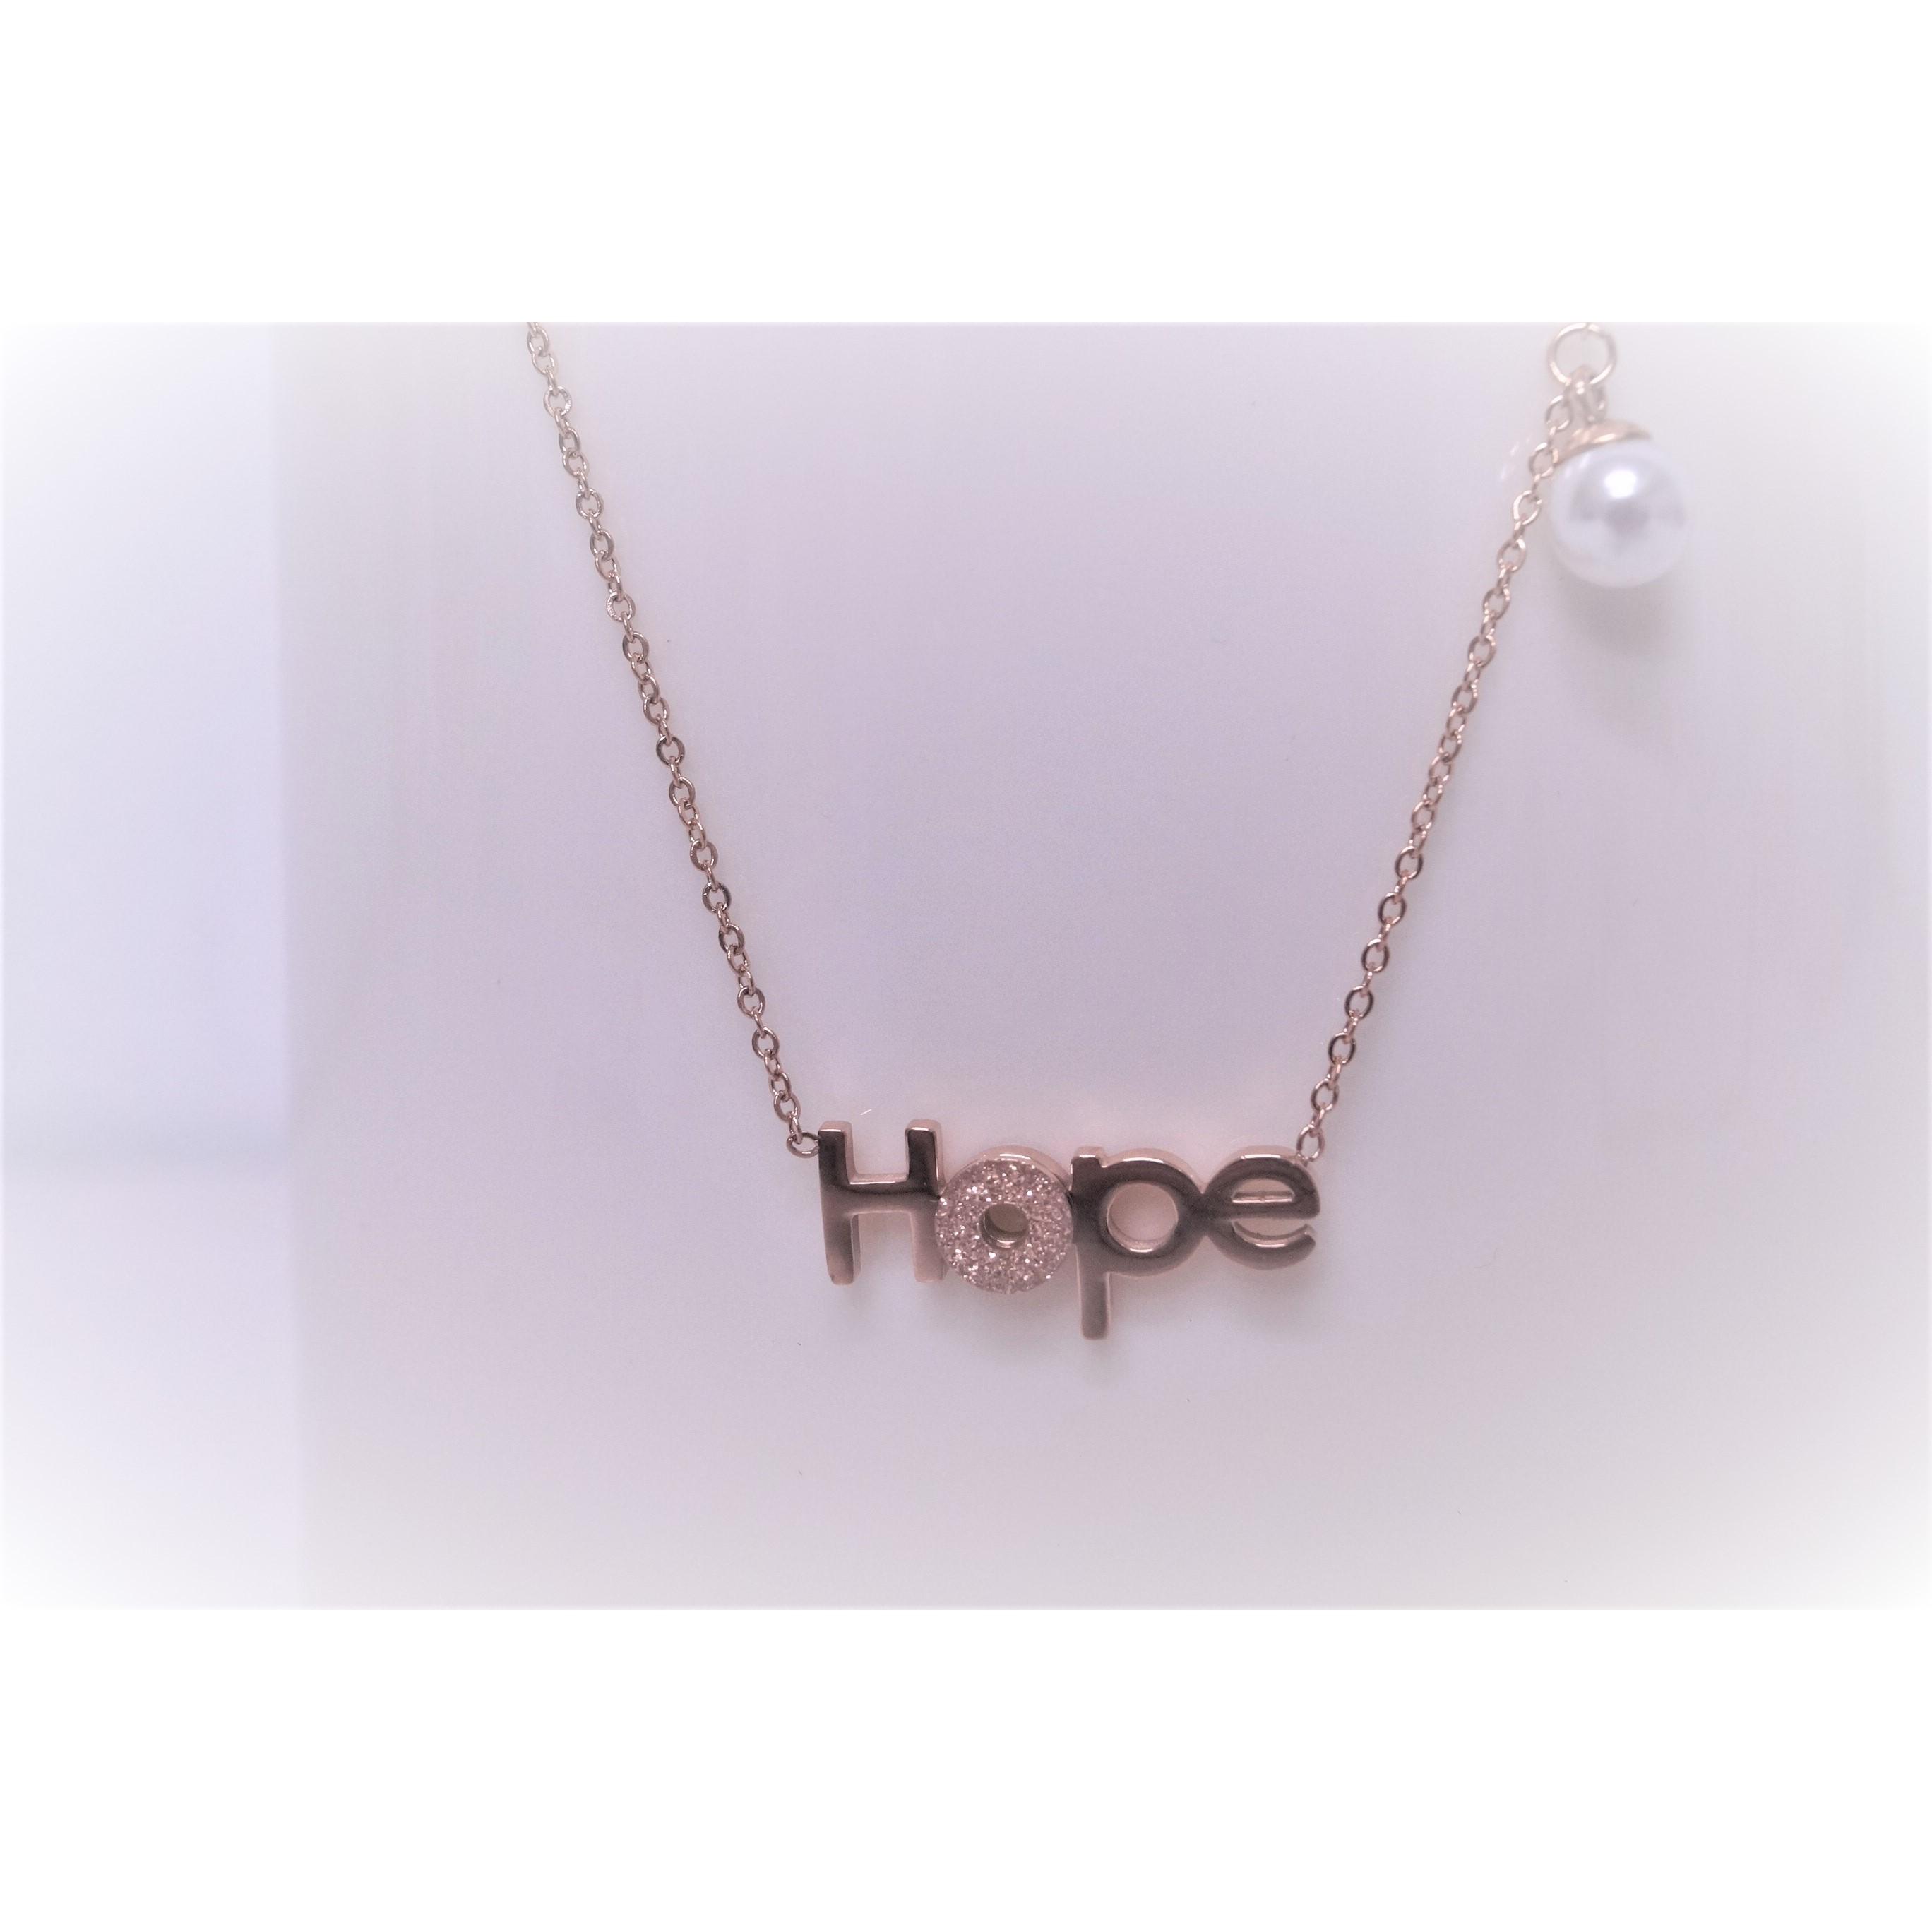 項鍊-HOPE - 玫瑰金